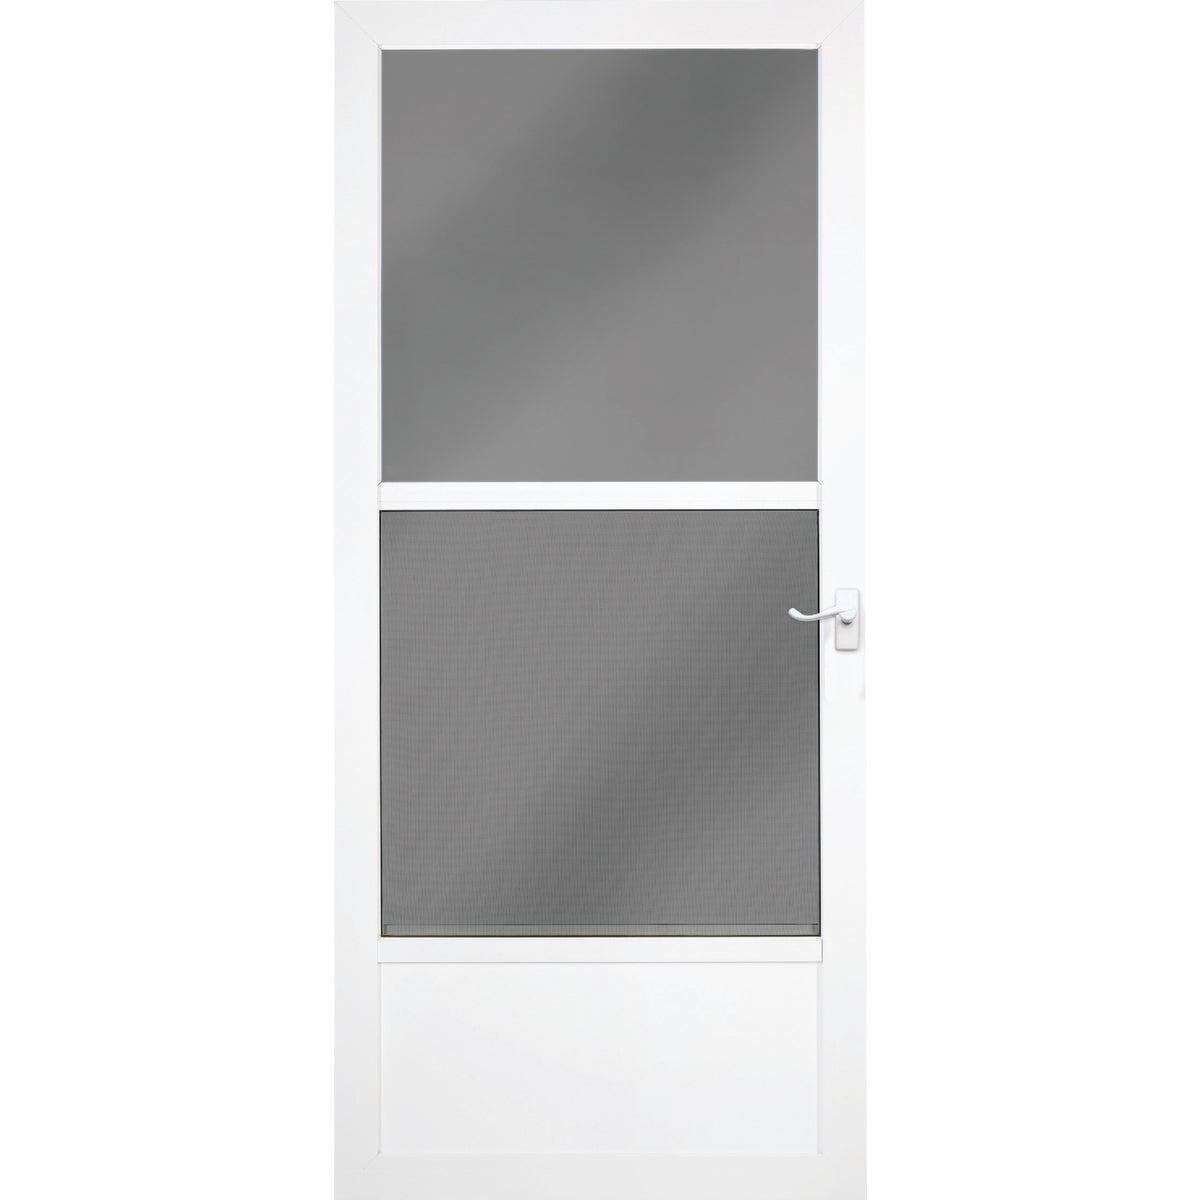 CV METALTECH WHT 32 DOOR